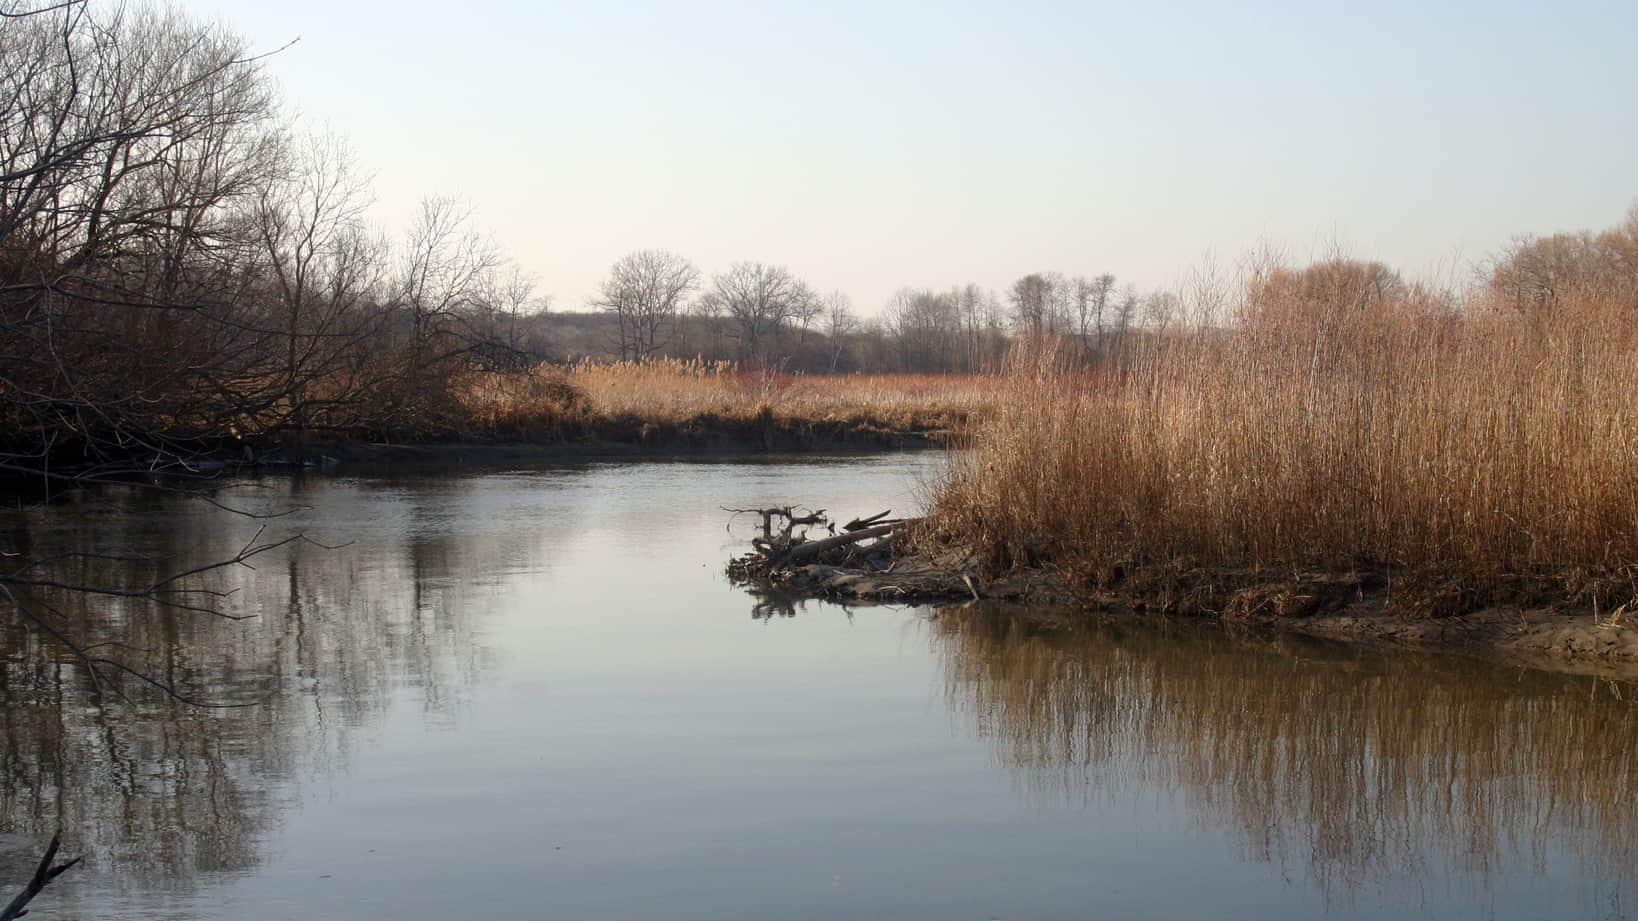 Duffin's Creek wetland